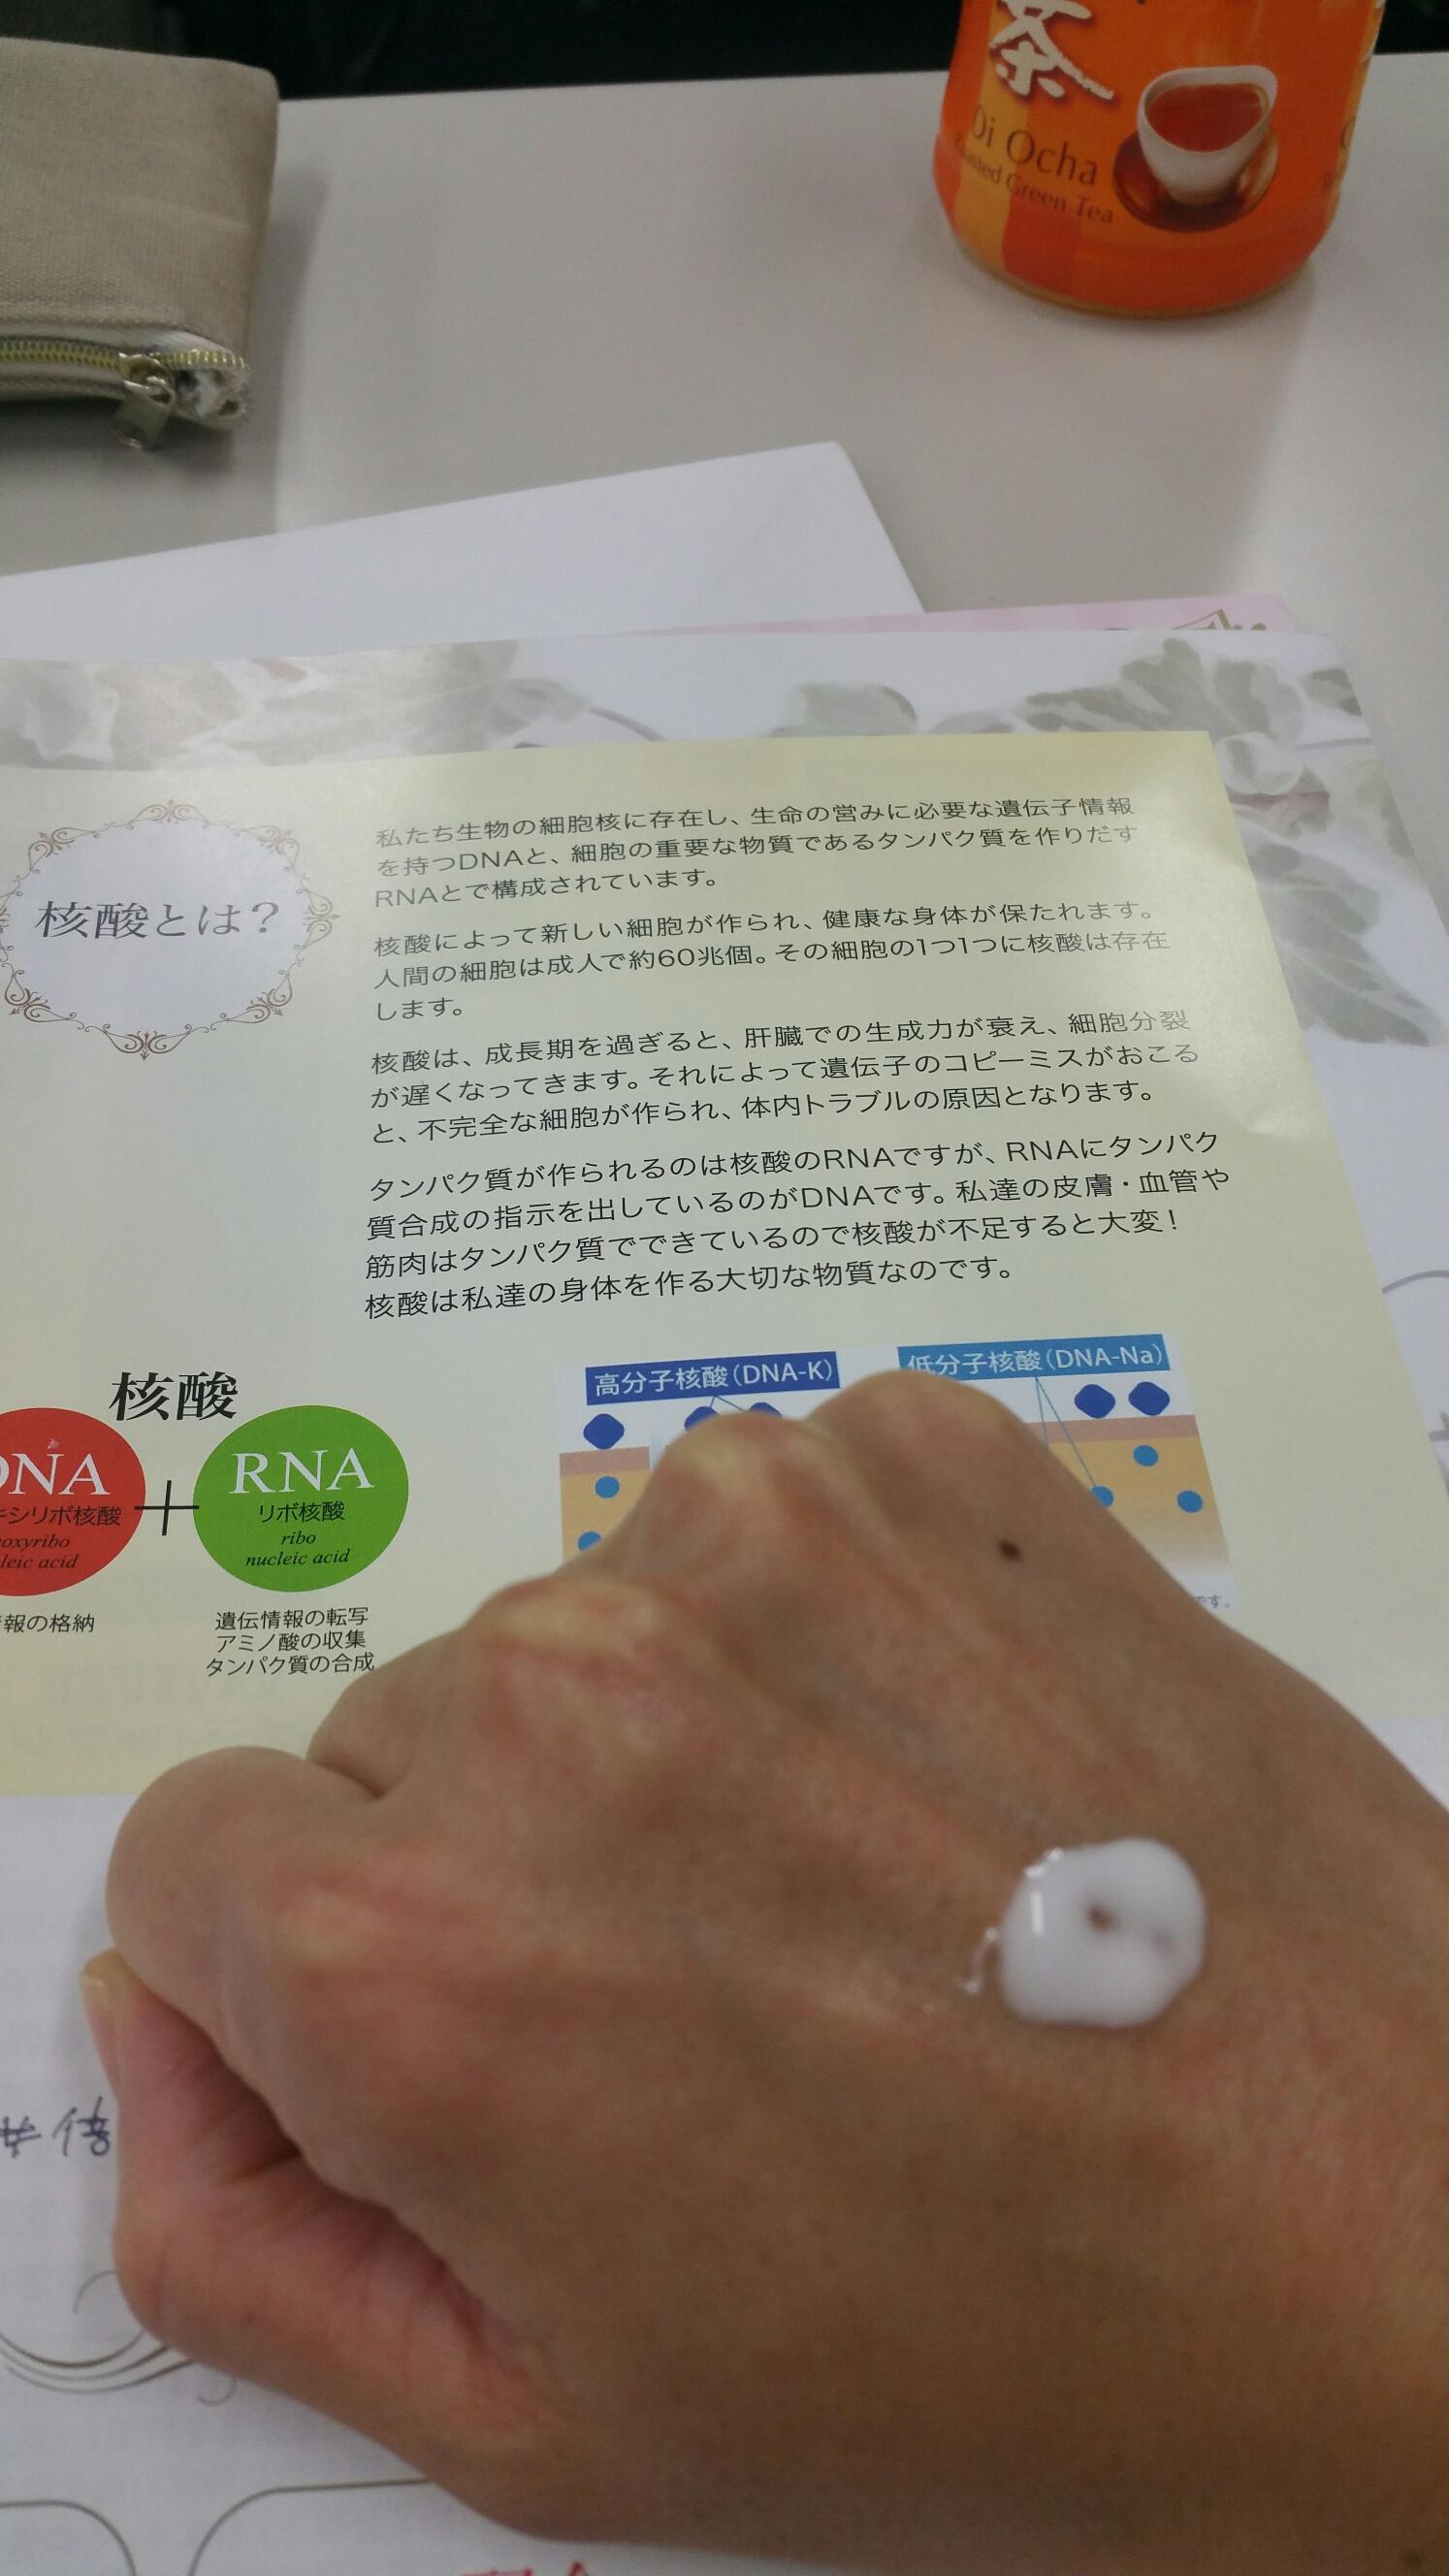 核酸DNA美容セミナー ボンバークリーム